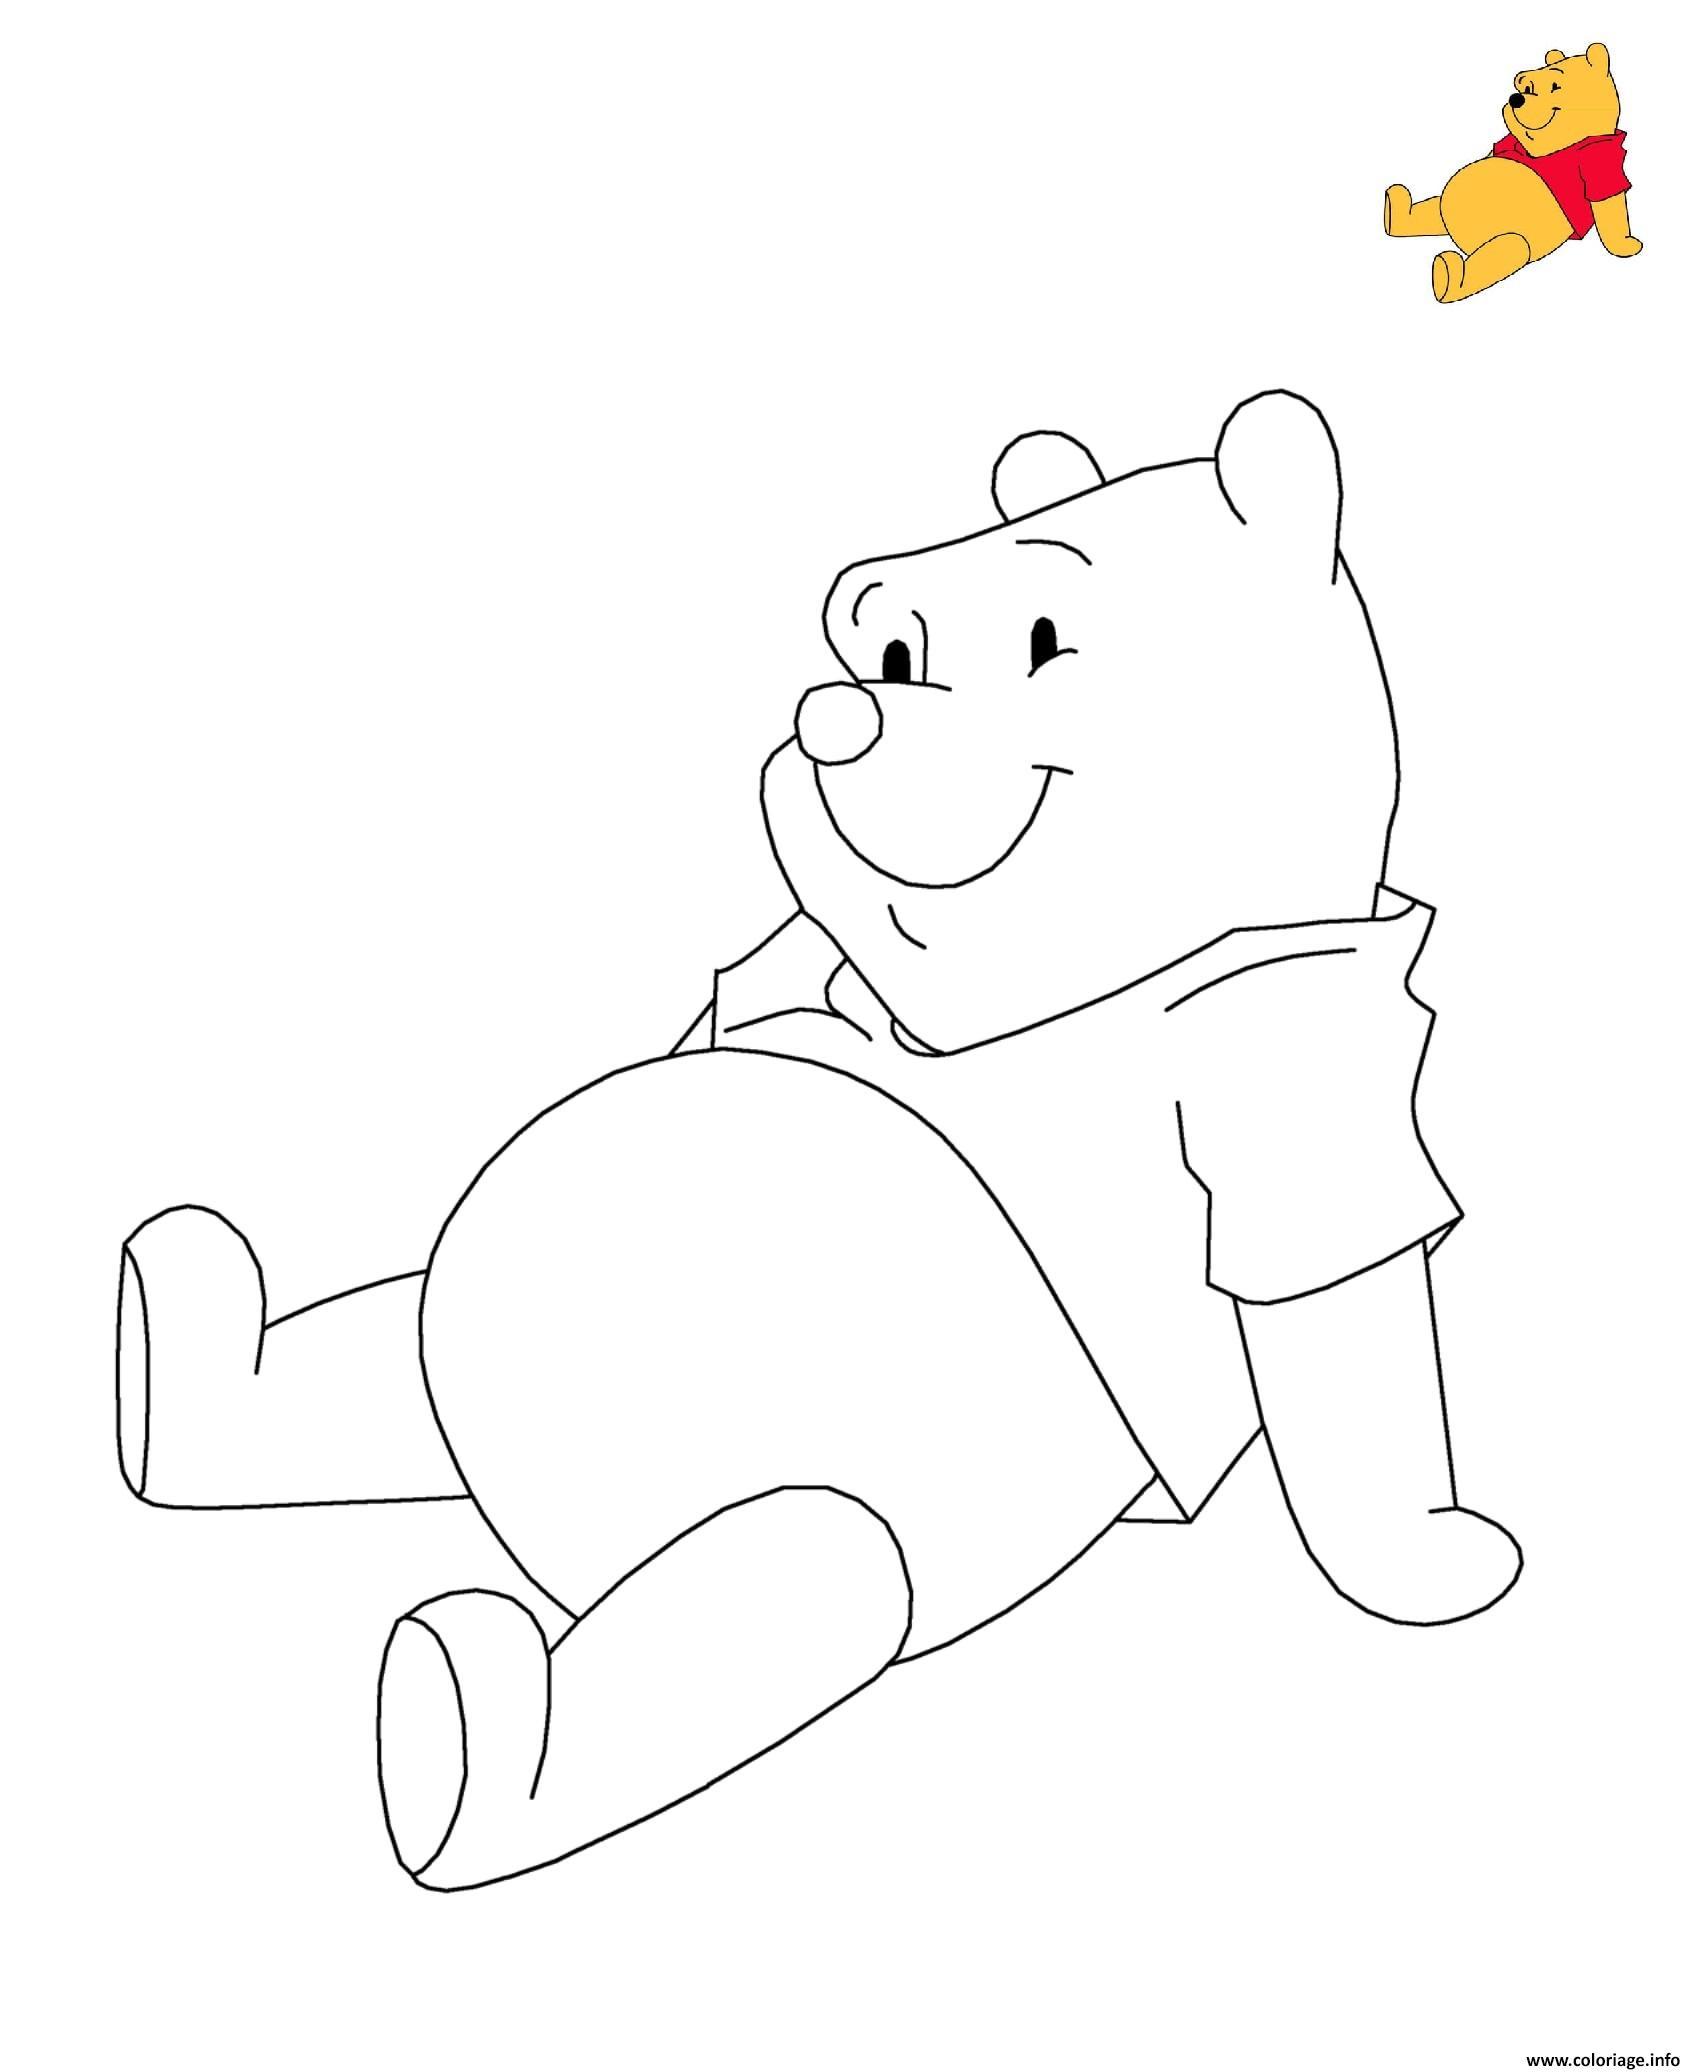 Coloriage winnie ourson the pooh disney dessin - Dessin ourson a imprimer ...